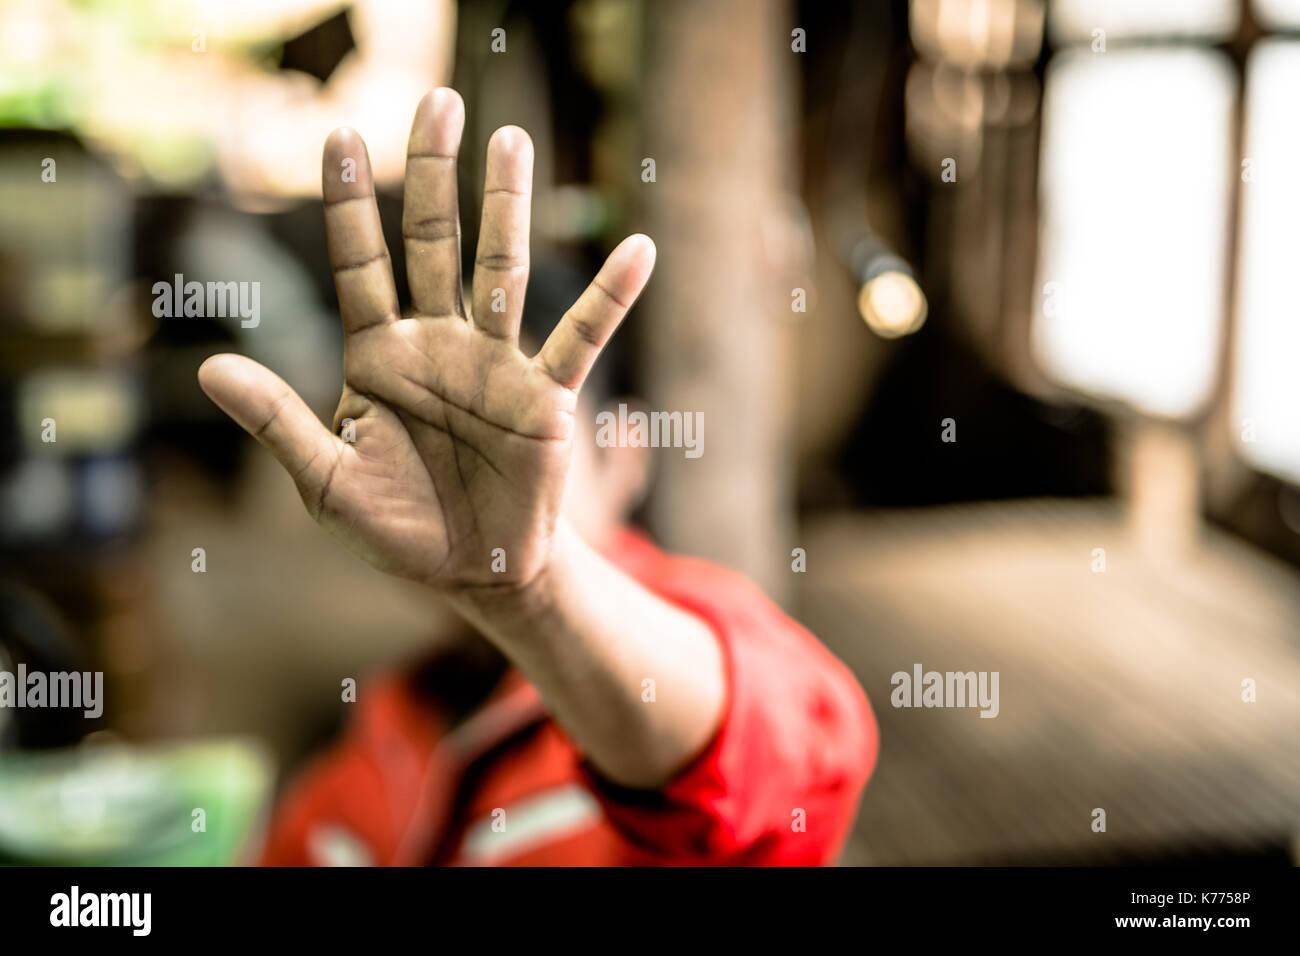 Deje de abusar del niño violencia. el trabajo infantil en régimen de servidumbre en ángulo el desenfoque de la imagen , el día de los derechos humanos concepto. Imagen De Stock